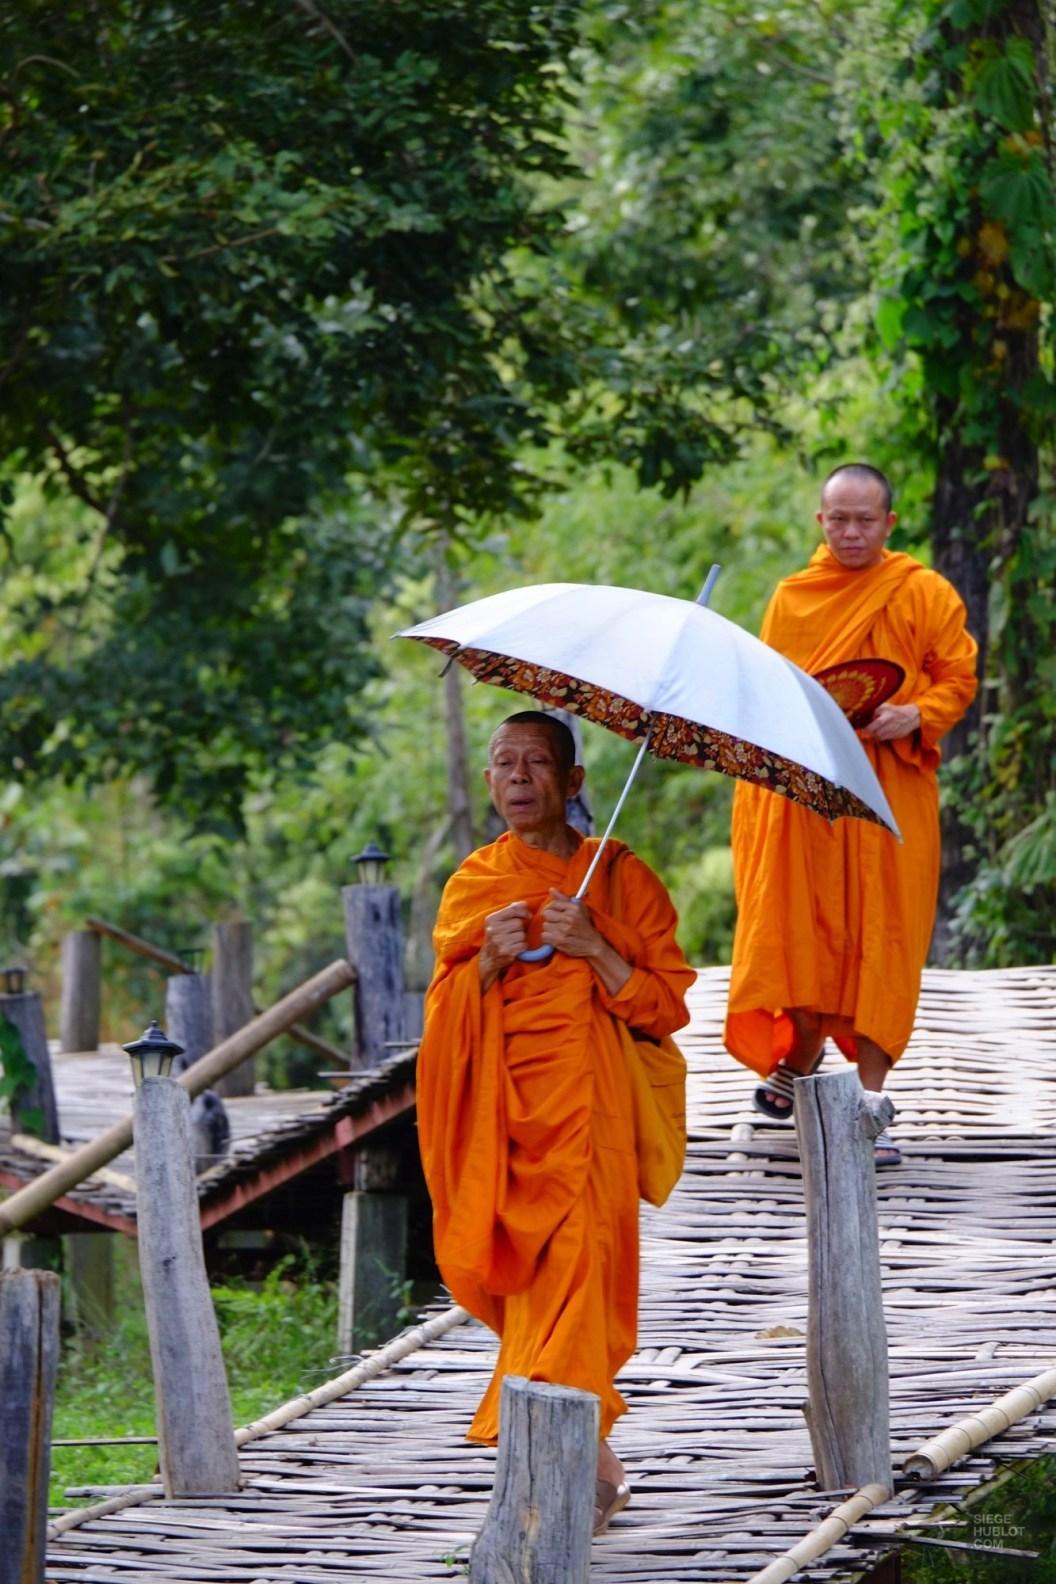 Les moines en balade - Les Excursions - Pai et la fraicheur des montagnes - Asie, Thaïlande